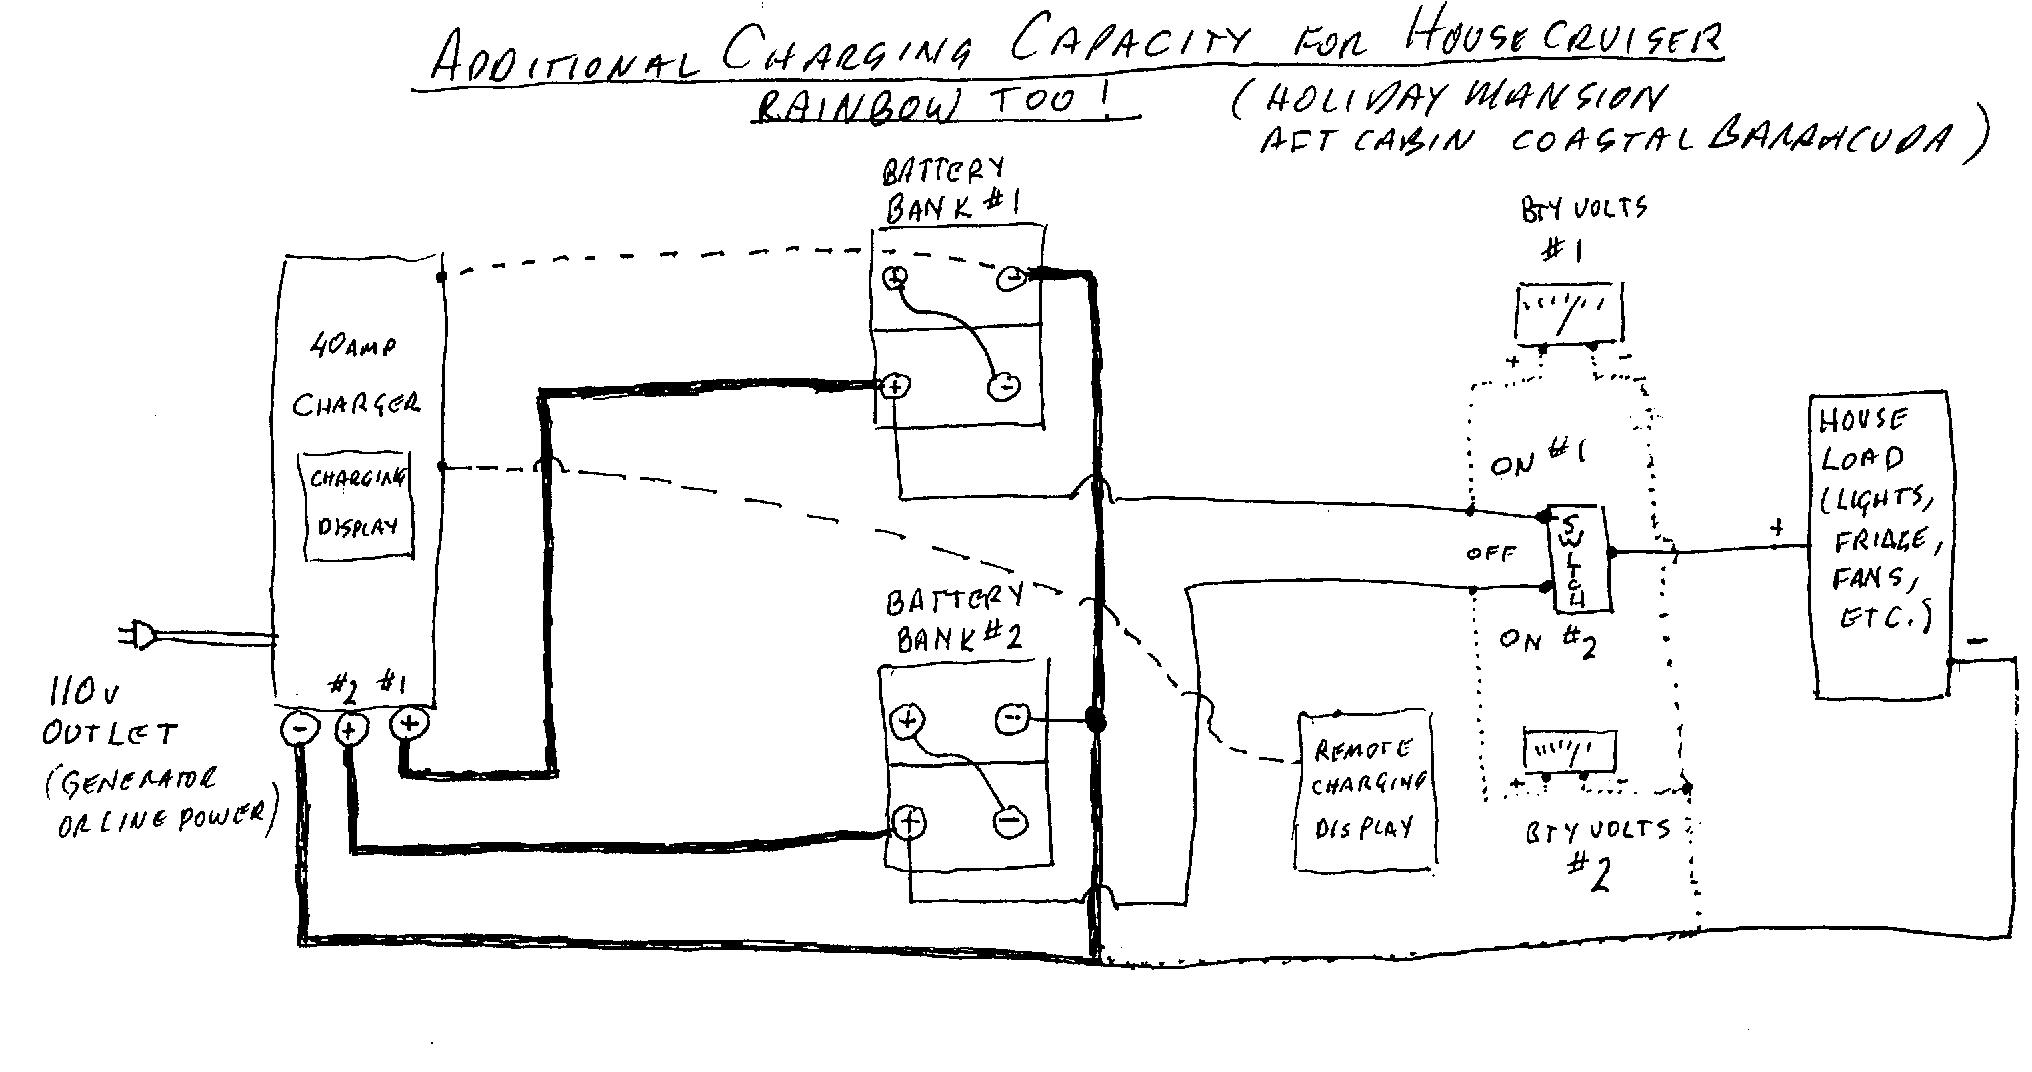 Fleetwood Storm Wiring Diagram Fleetwood Tioga Wiring Diagram 1990 Fleetwood  Southwind Wiring-Diagram Fleetwood Fiesta Wiring Diagram